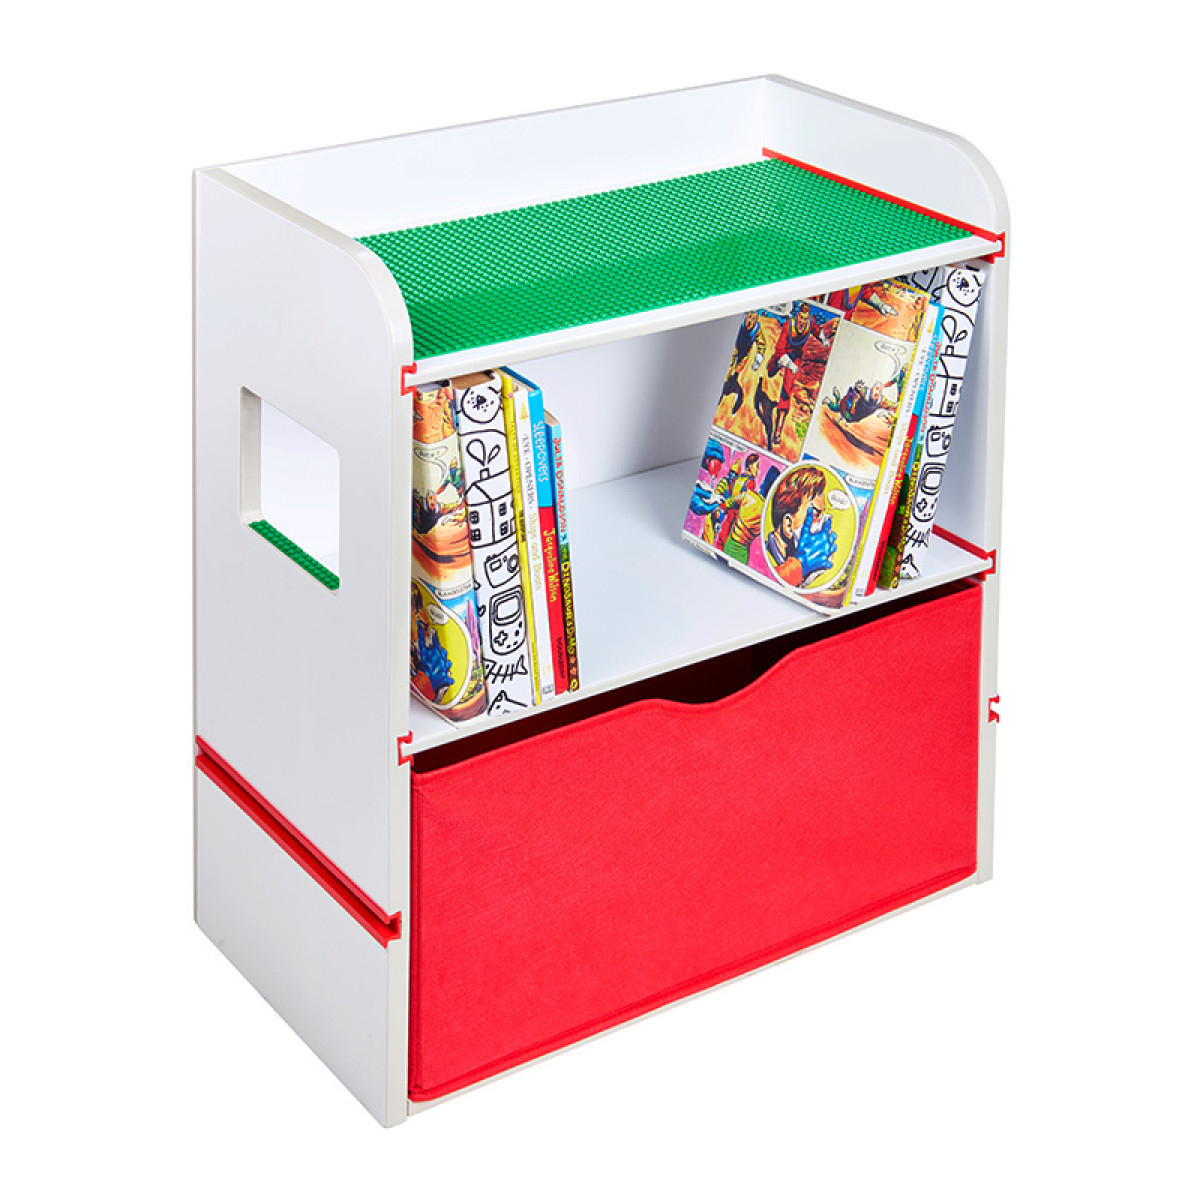 Meuble De Rangement Pour Garderie pièce 2 construire un meuble d'étagère de chevet